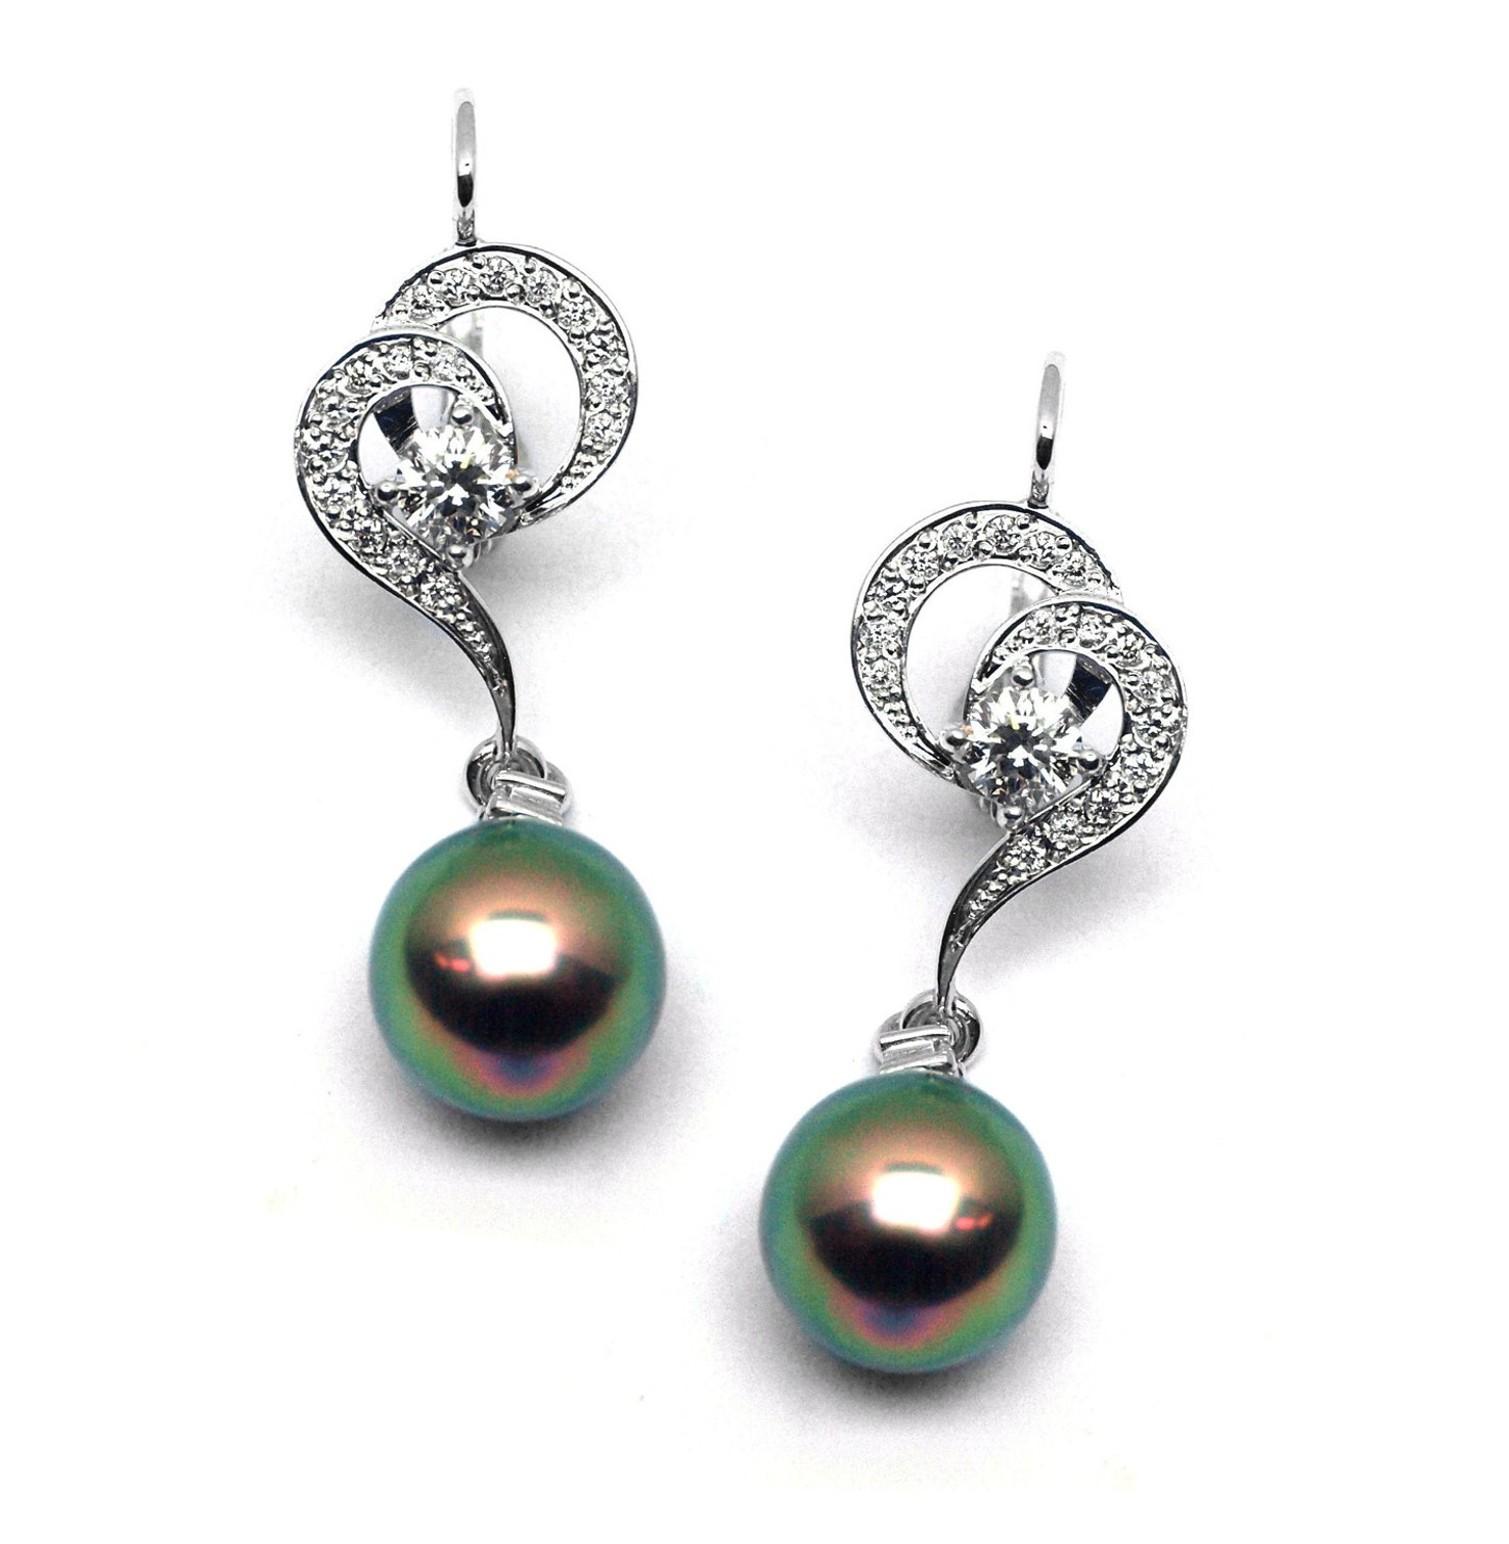 Diamantové zlaté náušnice Náušnice s tahitskými perlami a diamanty J-28334-17